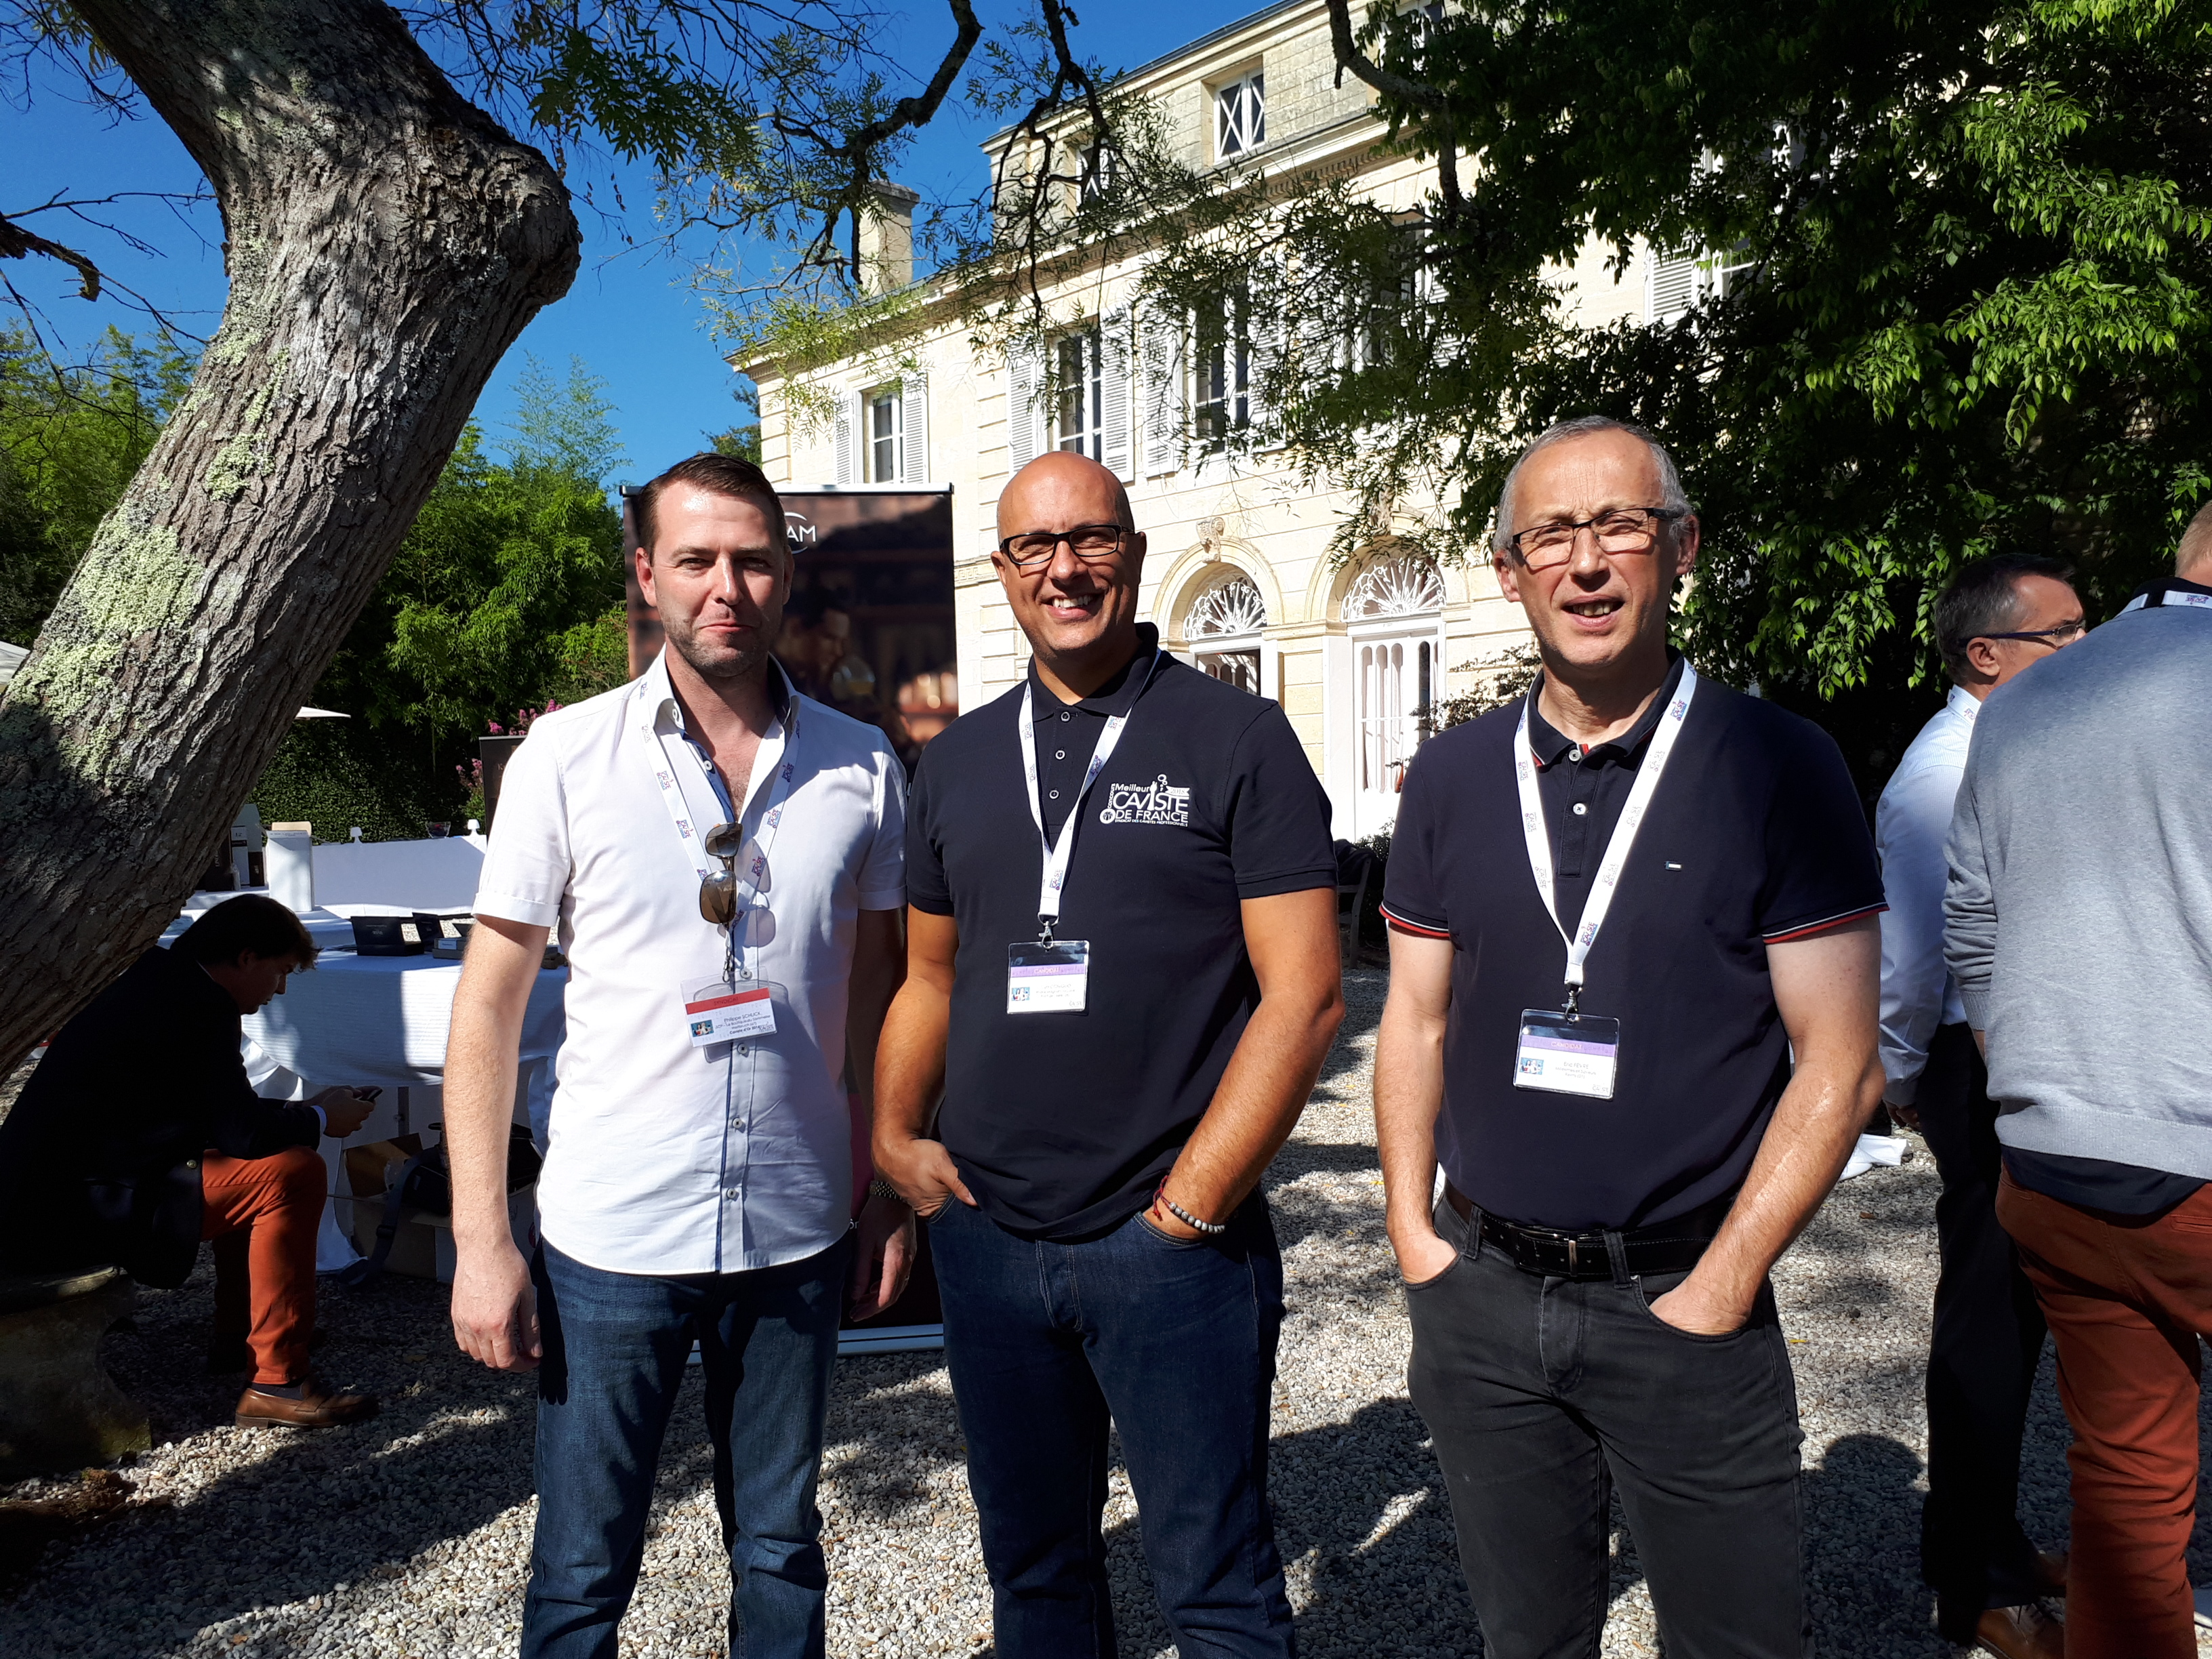 P SCHLICK, C CONIGLIO et E FEVRE - Ch$ateau Belgrave, Demi Finale du Concours du Meilleur Caviste de France 2018